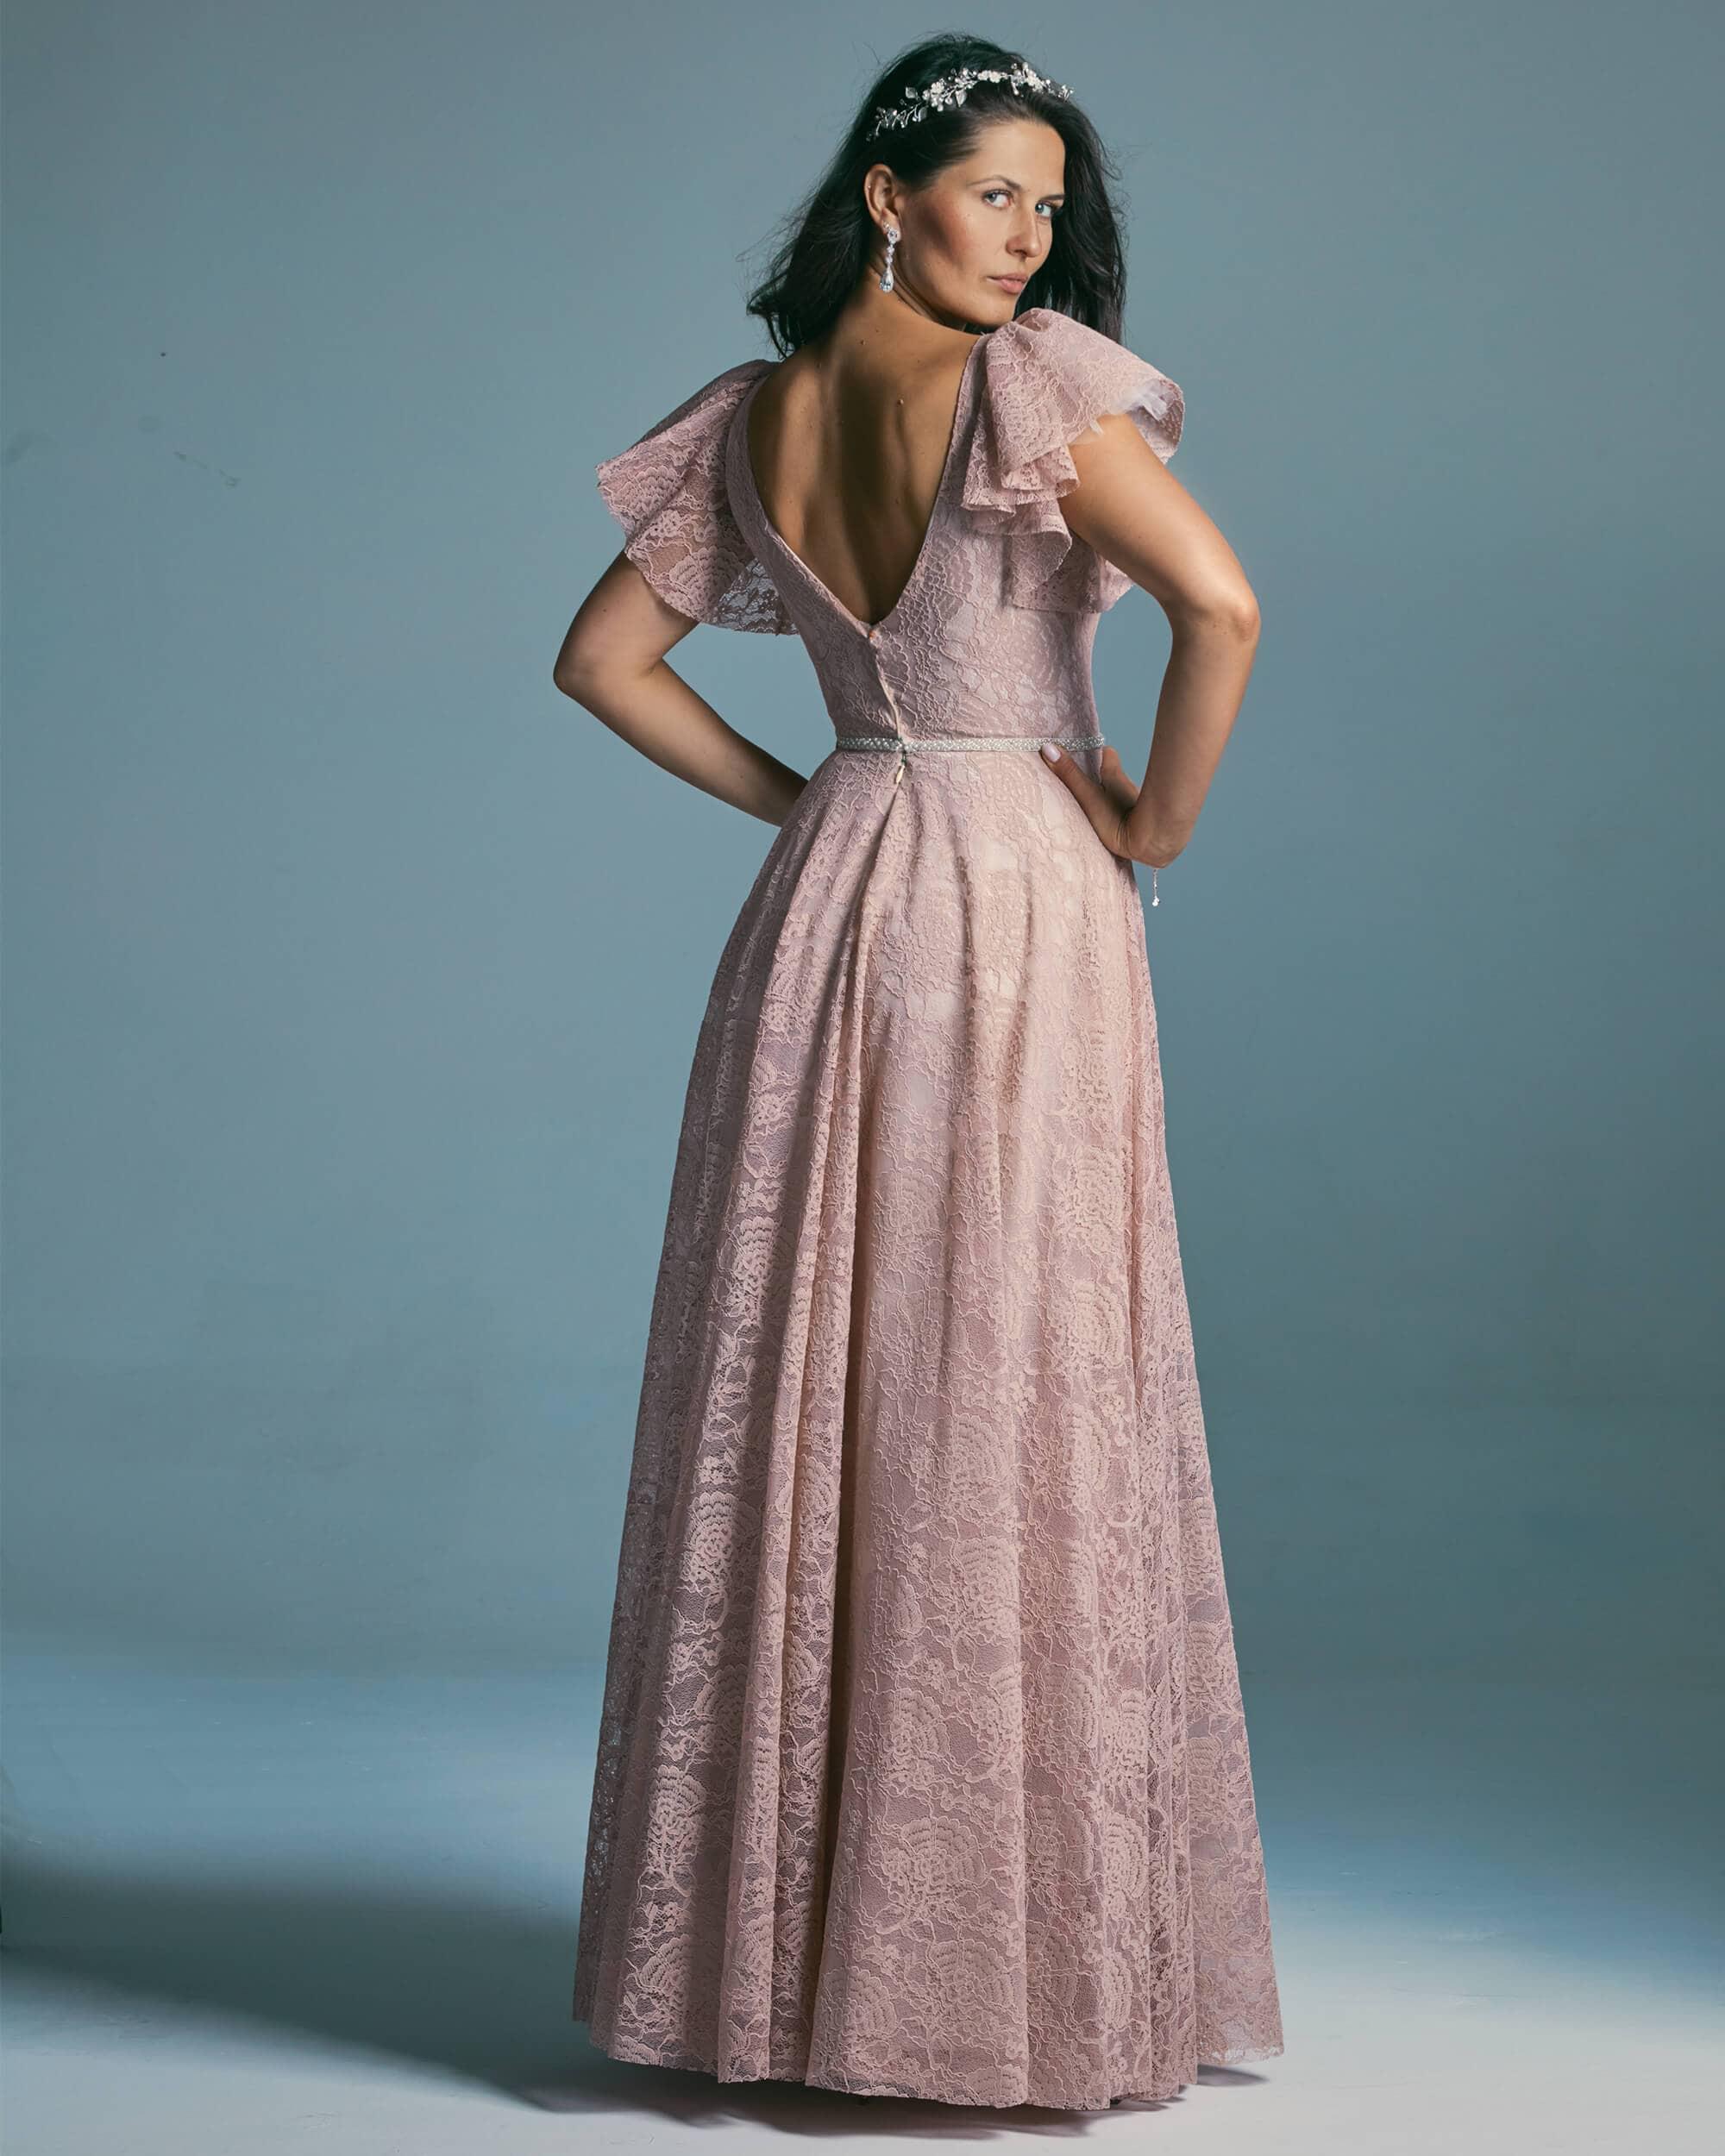 Różowa suknia ślubna o fasonie księżniczki z miękkich koronek - Venezia 4